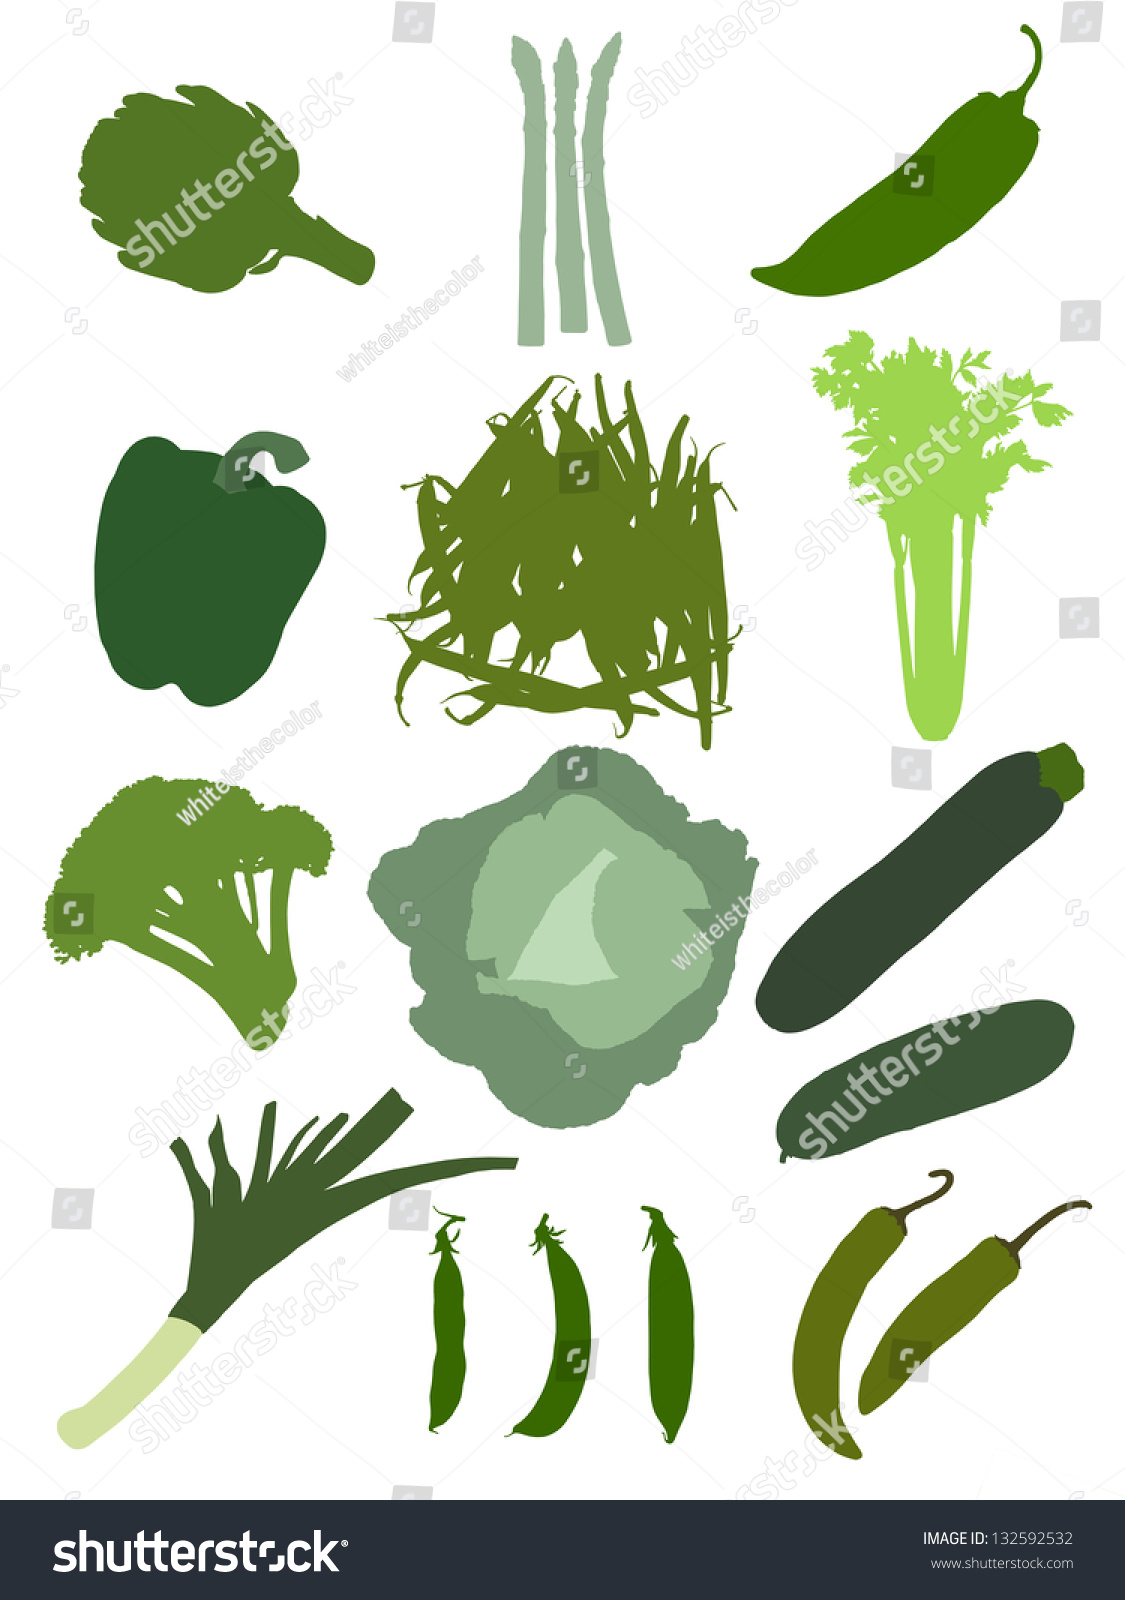 背景 壁纸 绿色 绿叶 设计 矢量 矢量图 树叶 素材 植物 桌面 1125